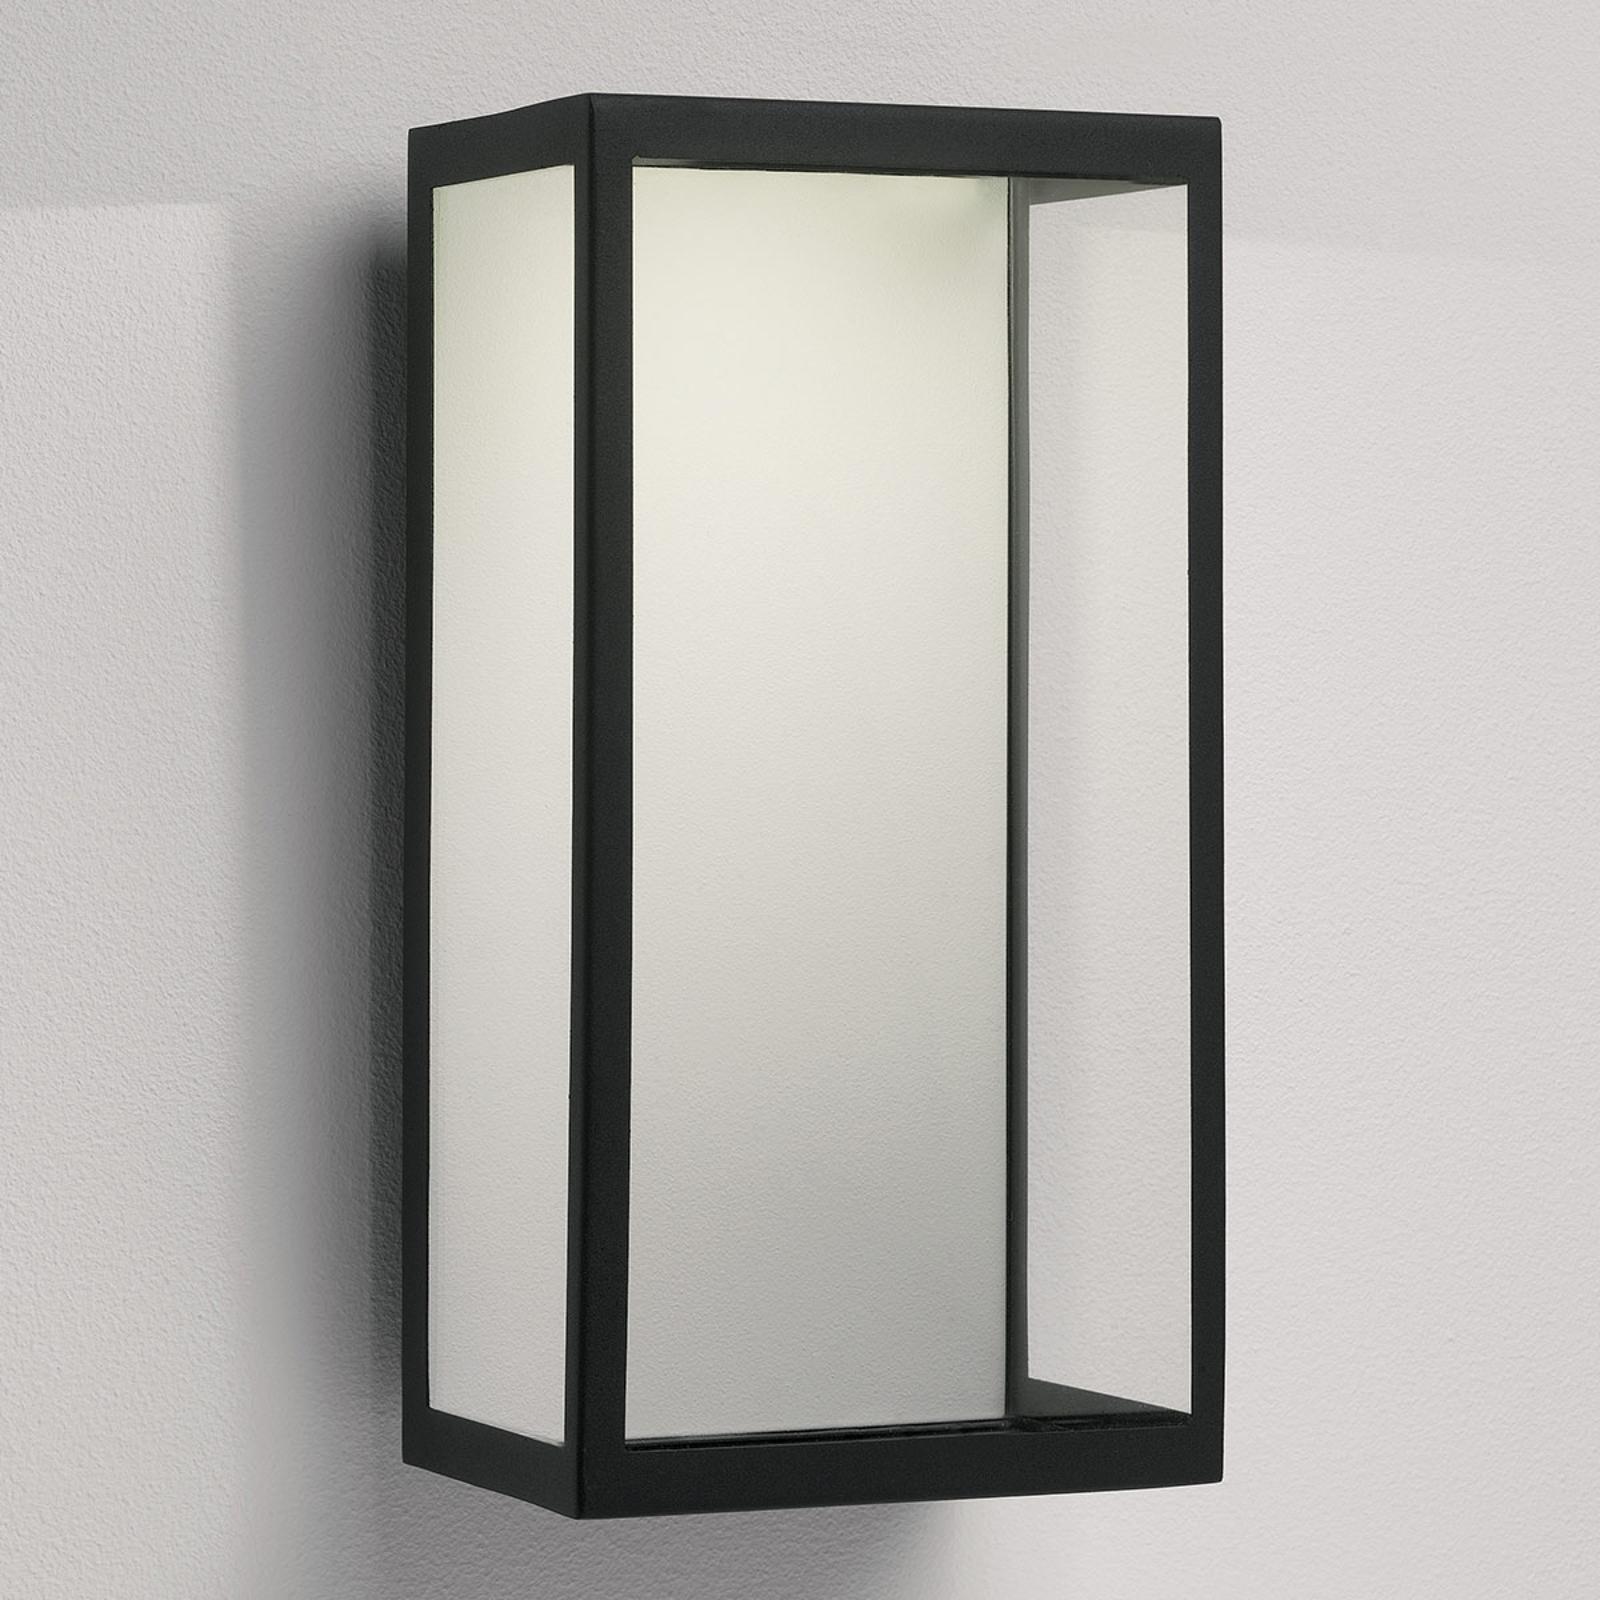 LED utendørs vegglampe Puzzle i svart